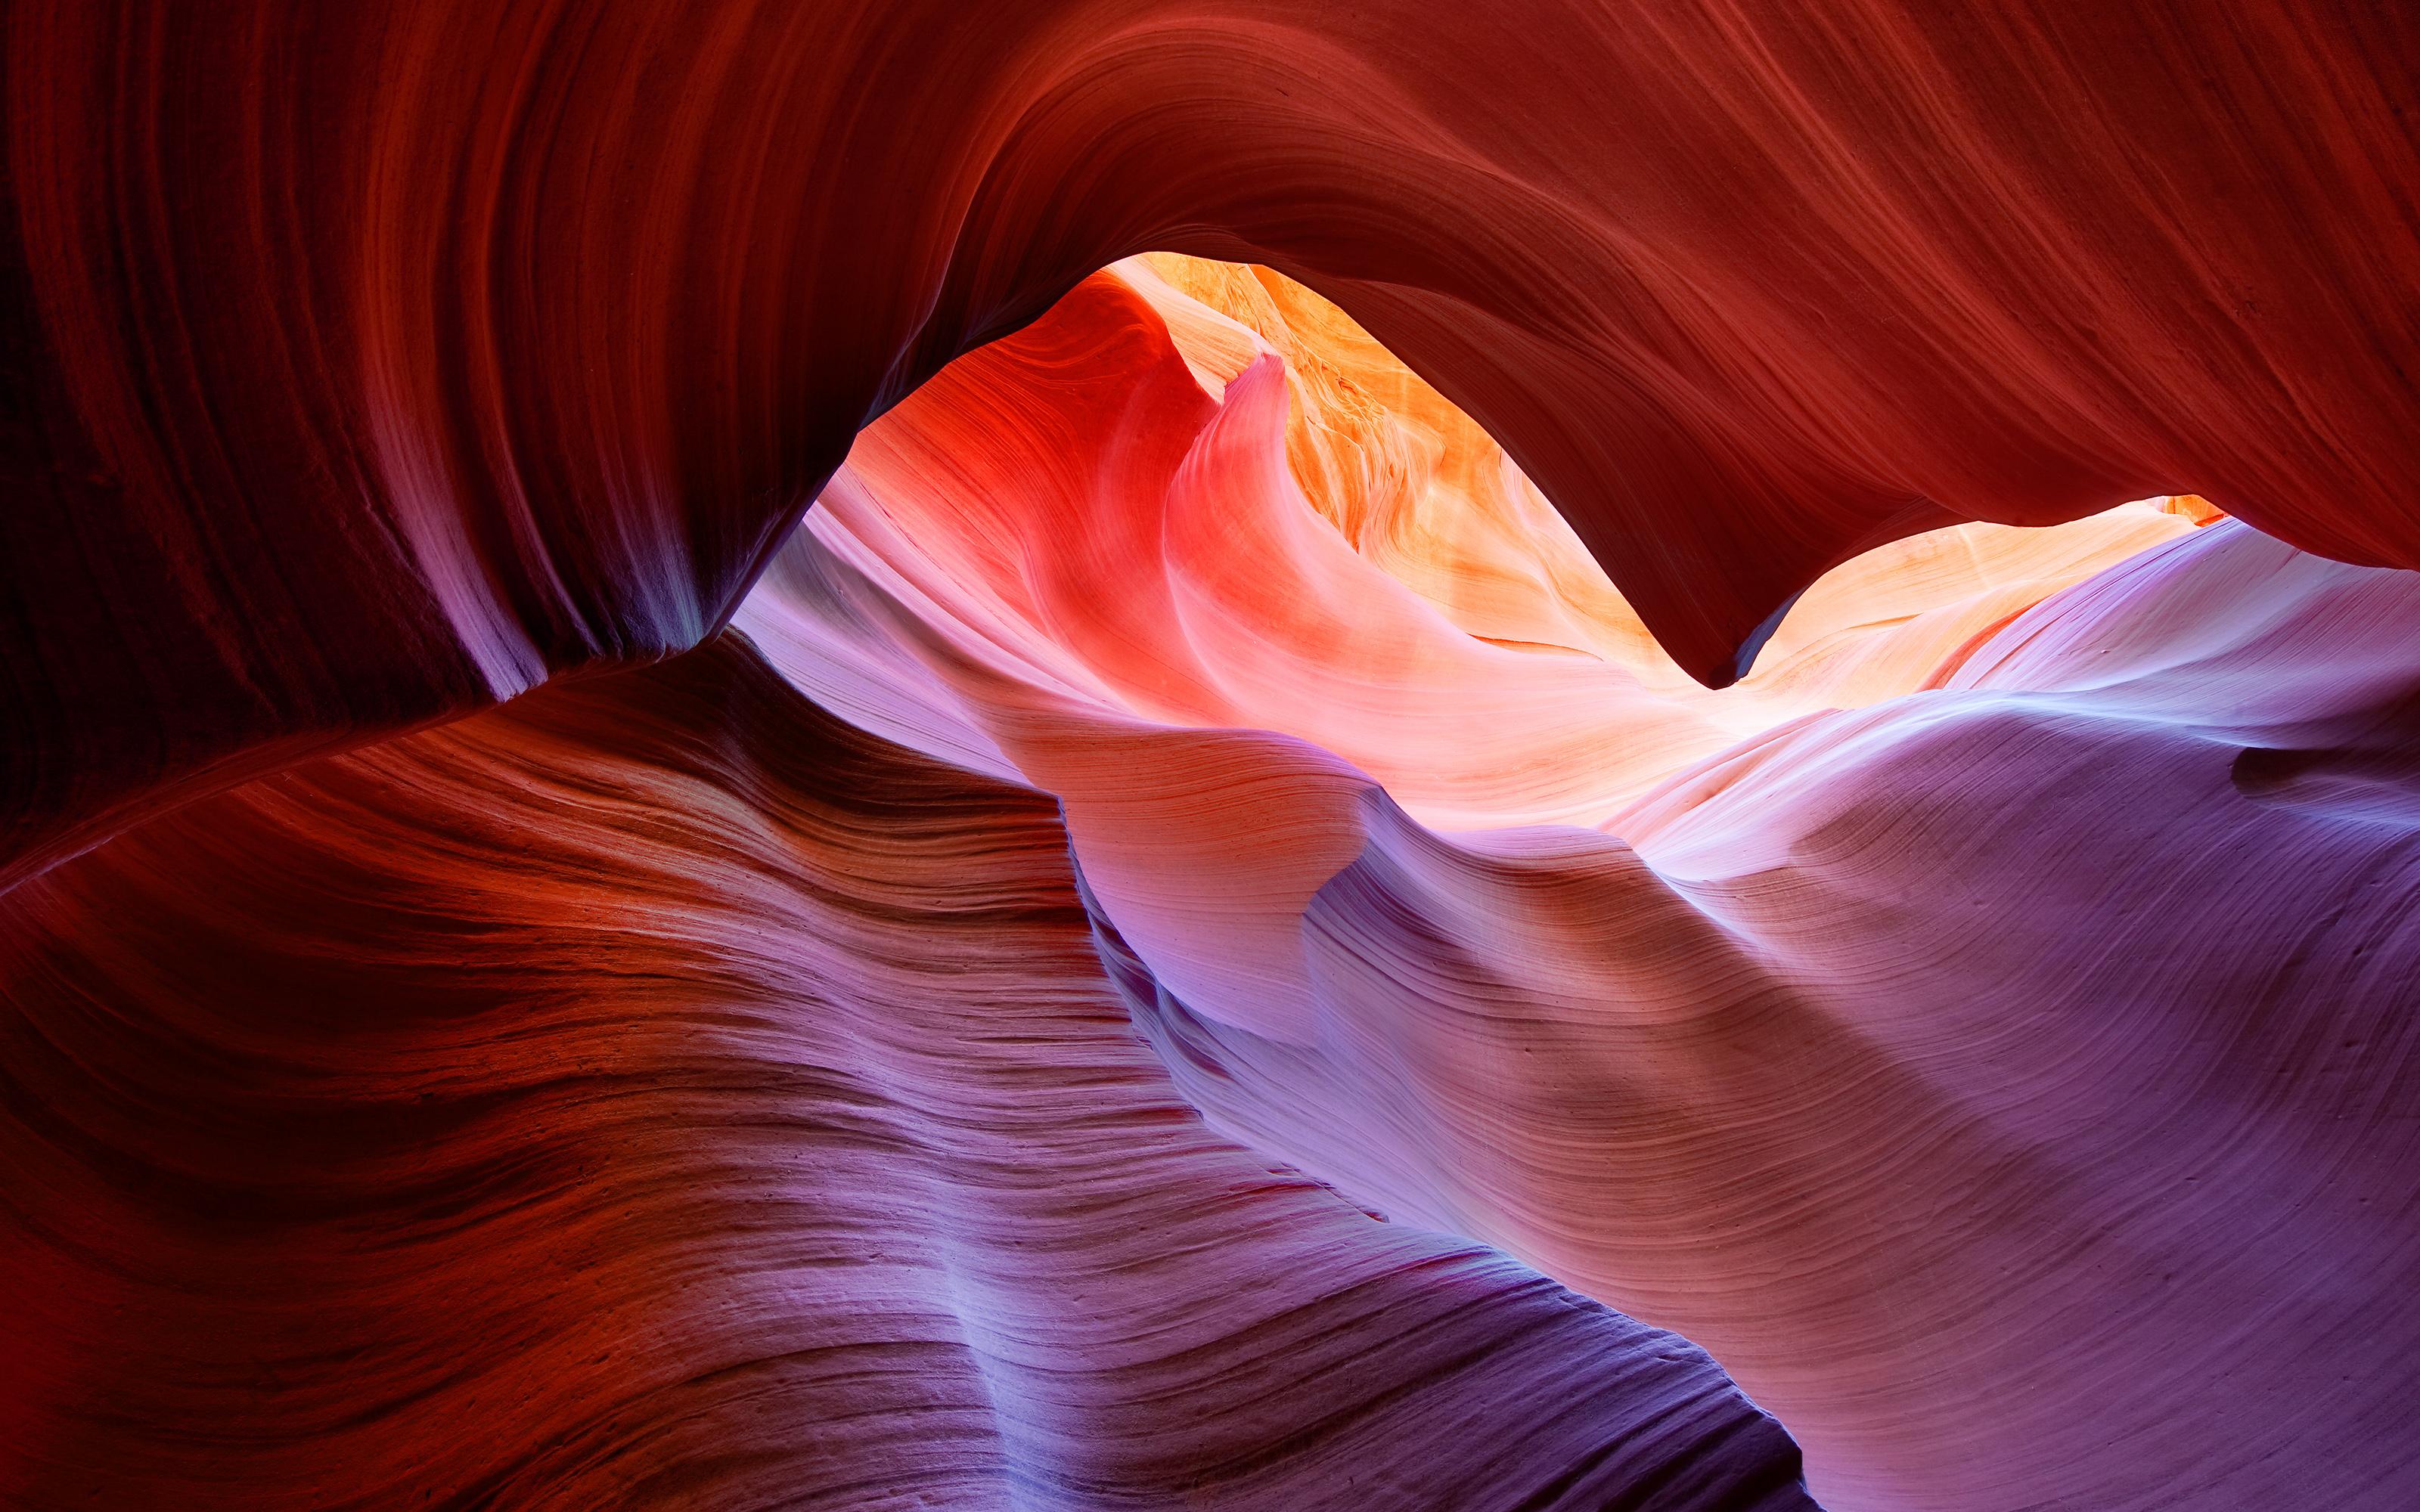 Antelope Canyon By Apple Desktop Wallpaper